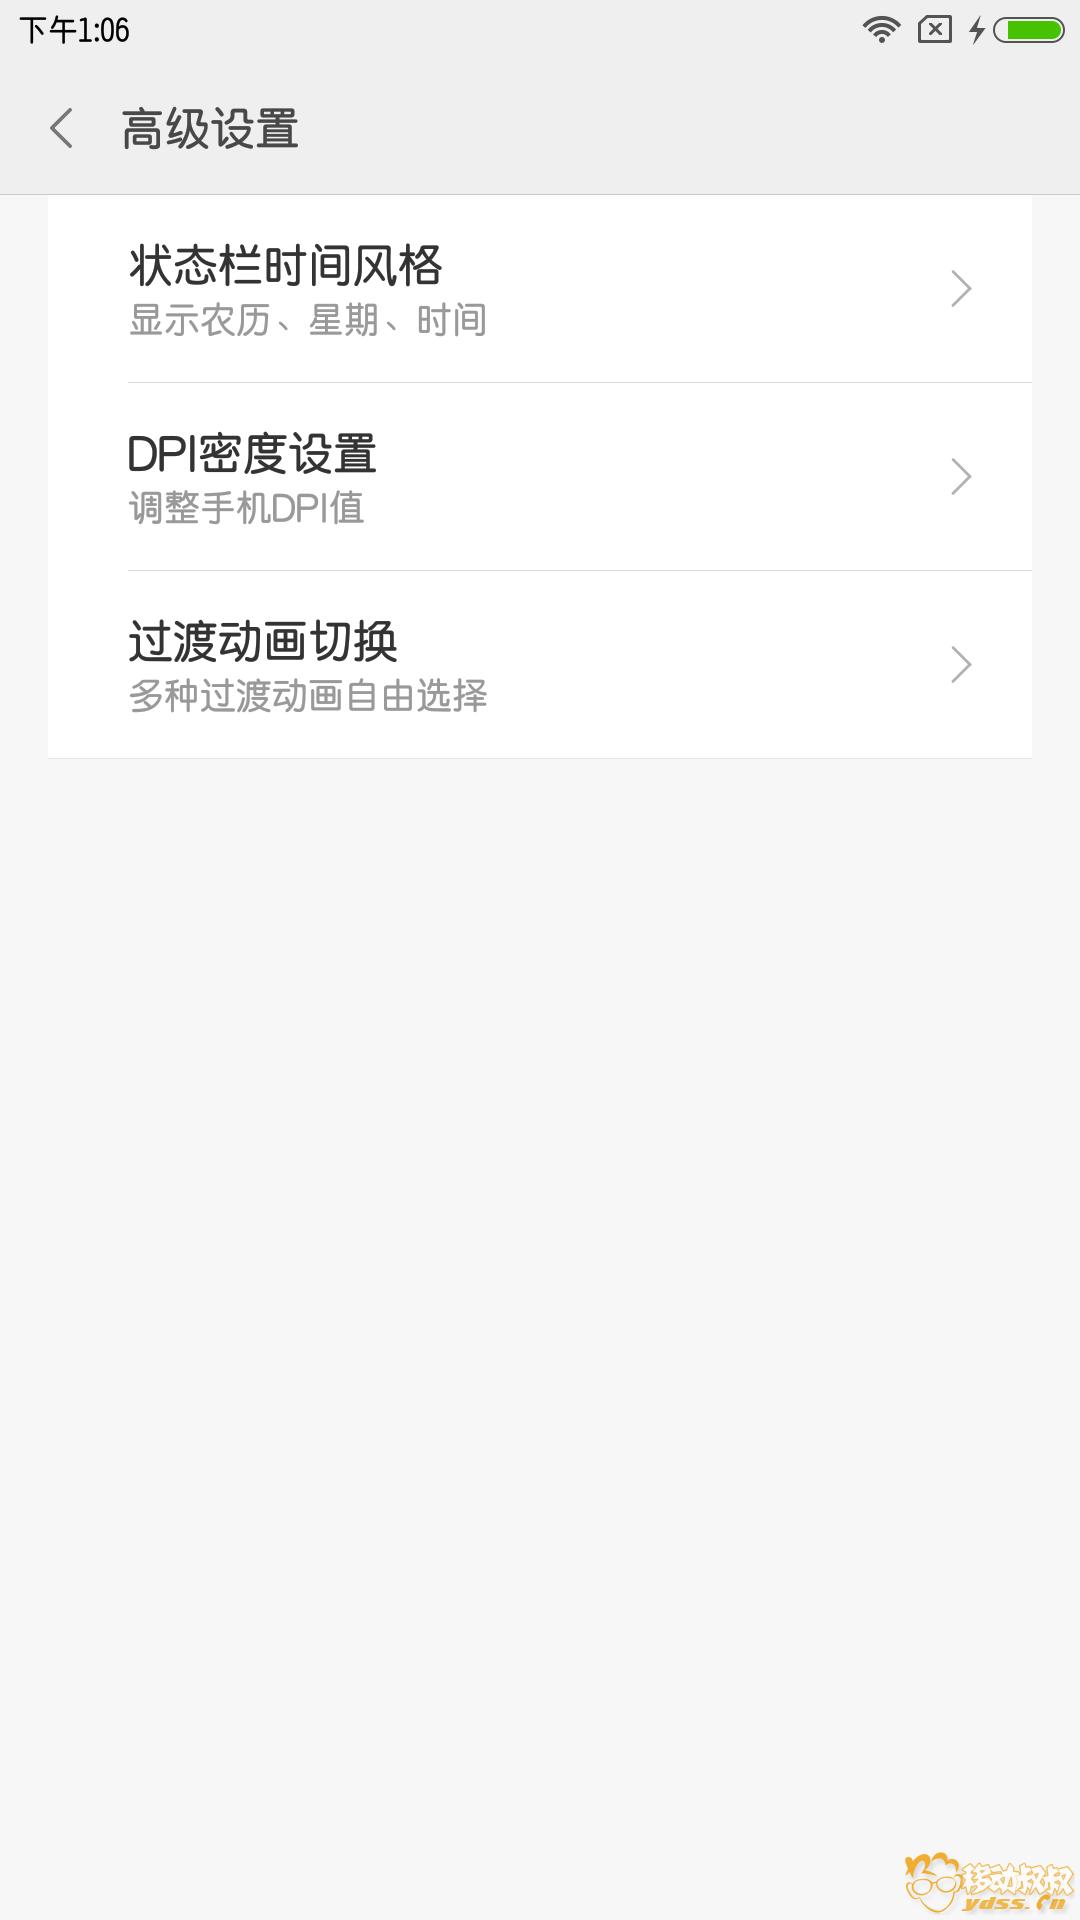 Screenshot_2018-03-13-13-06-27-451_com.makelove.settings.png